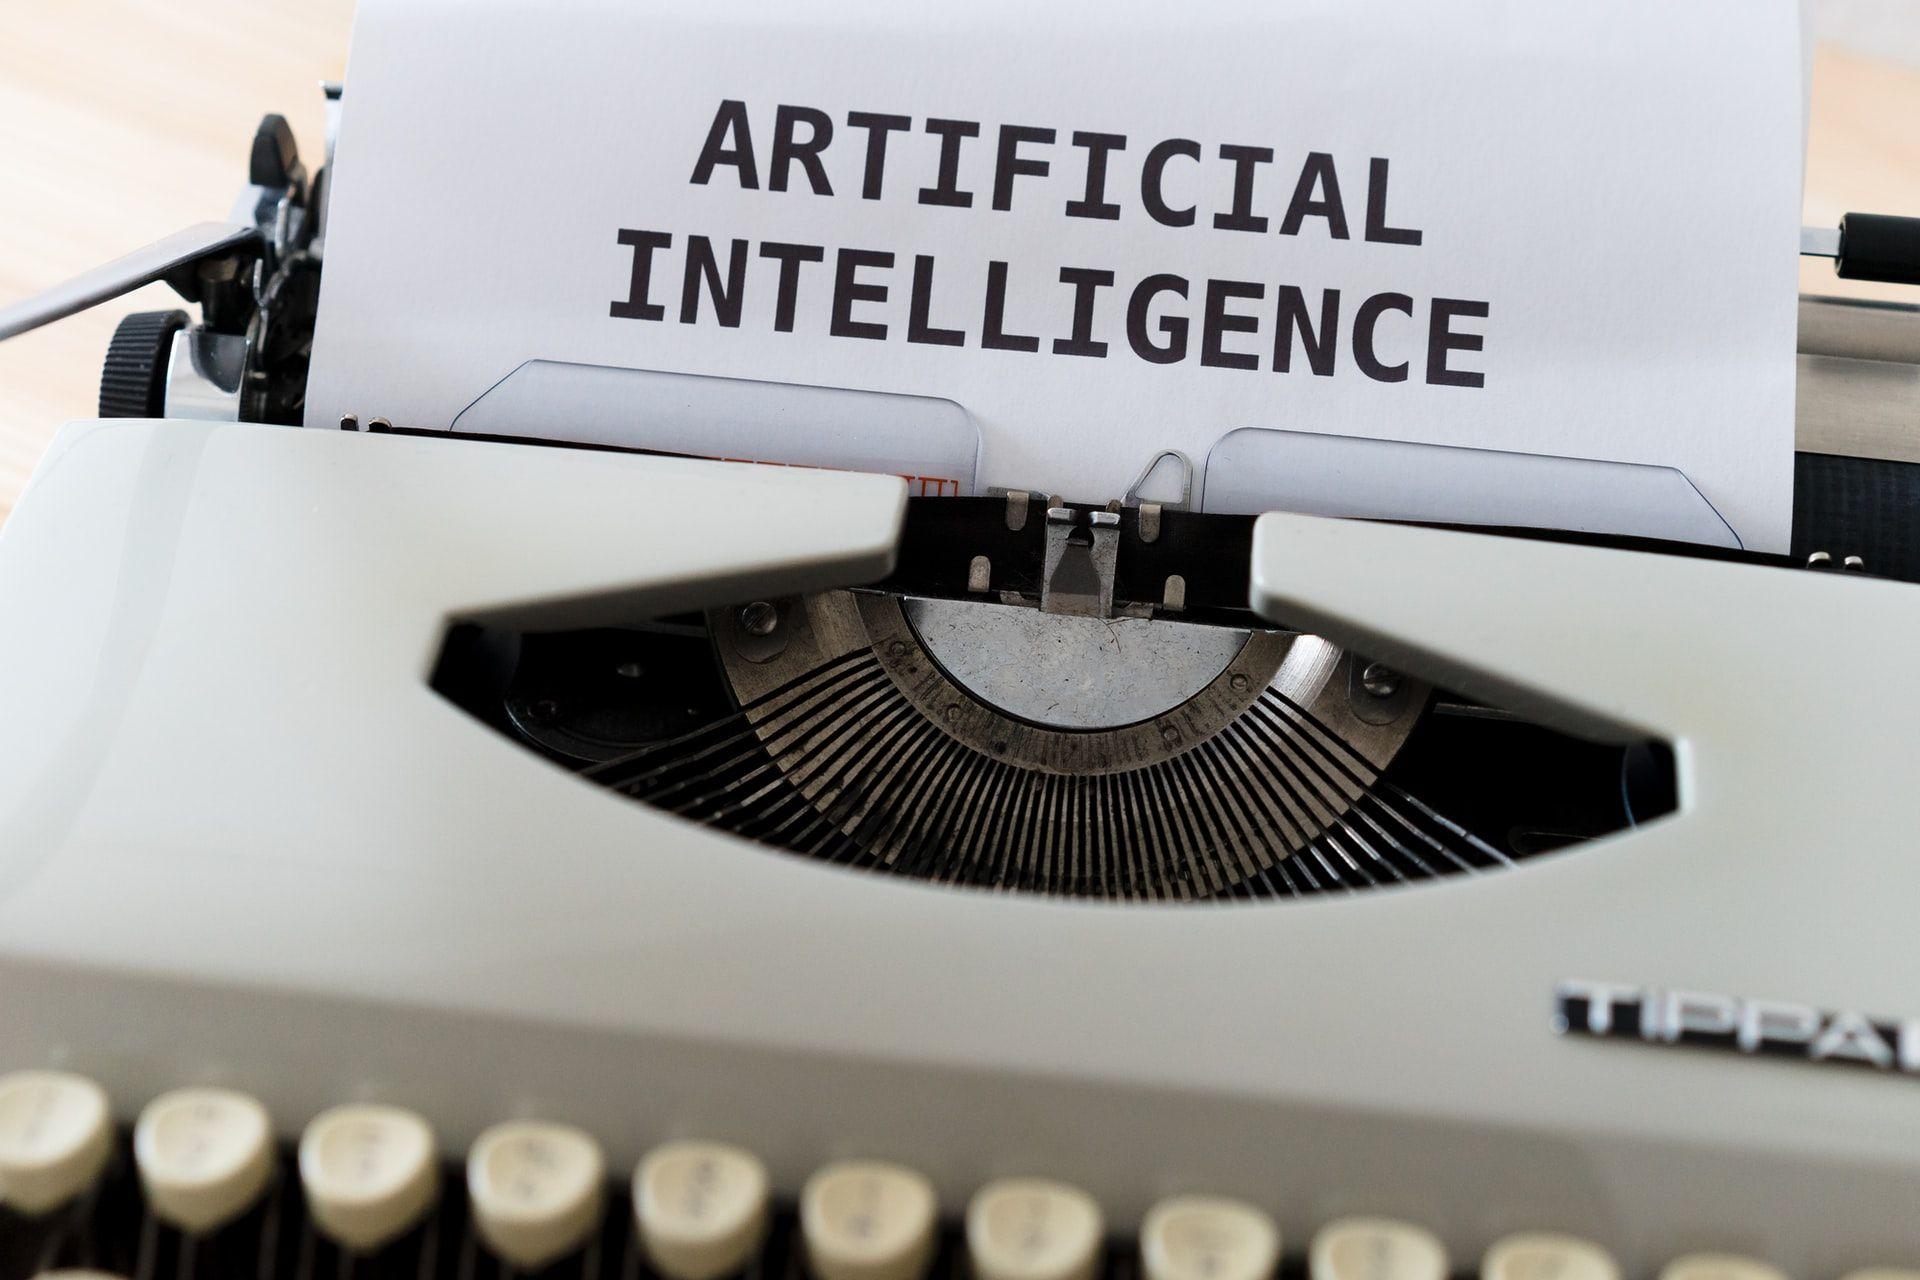 La revolución de la inteligencia artificial: ¿Ahora sucedió?